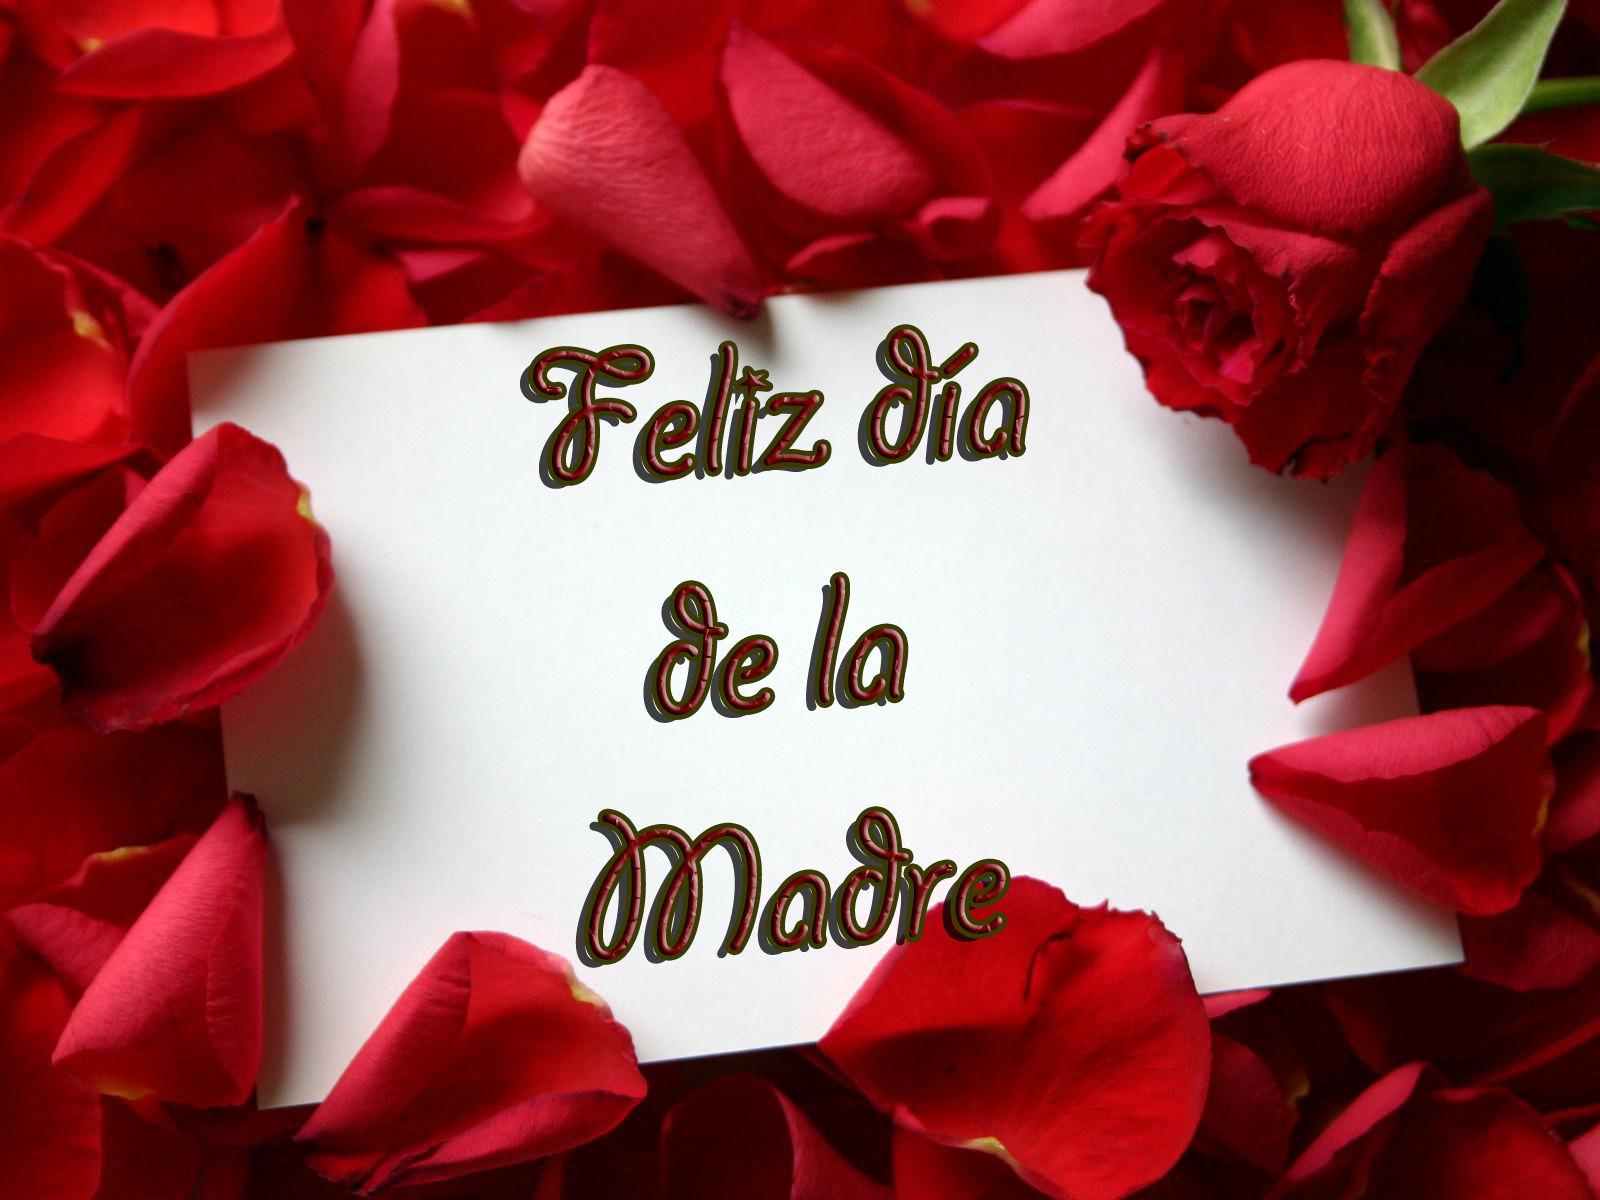 Felicitaciones Día de la Madre para WhatsApp